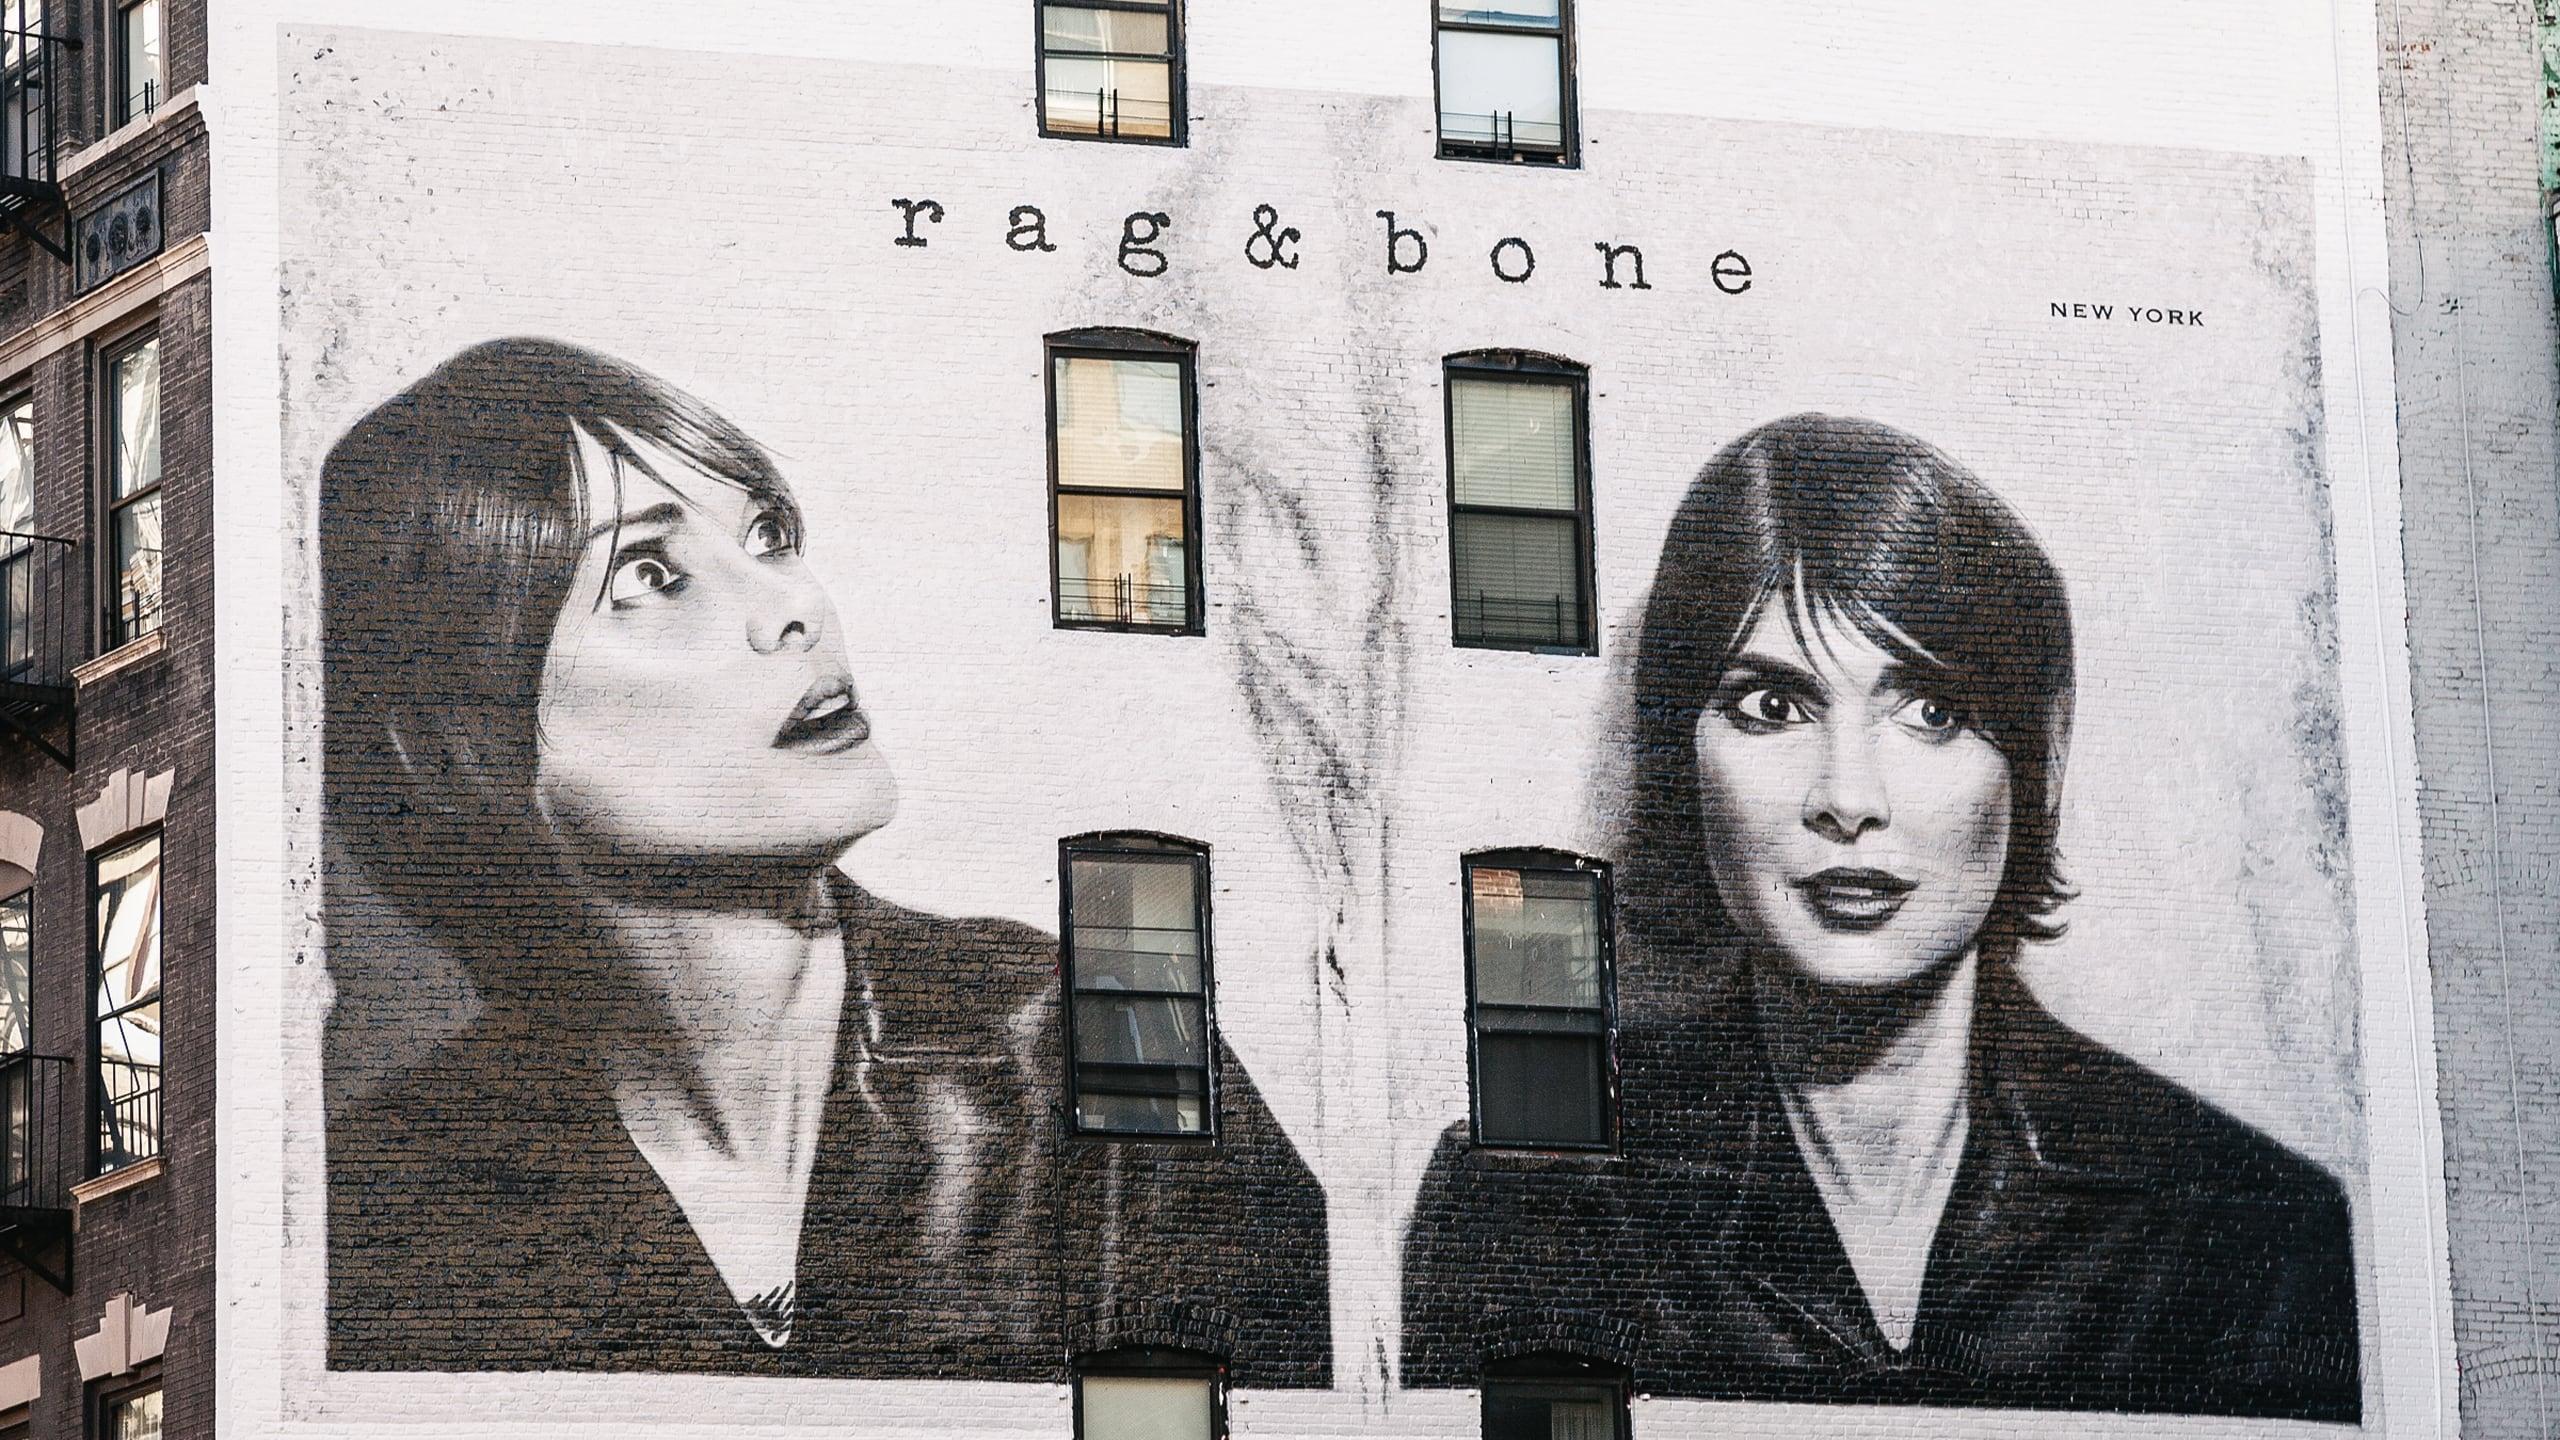 Fashion_Rag___Bone_traditional_wallscape_ (7)